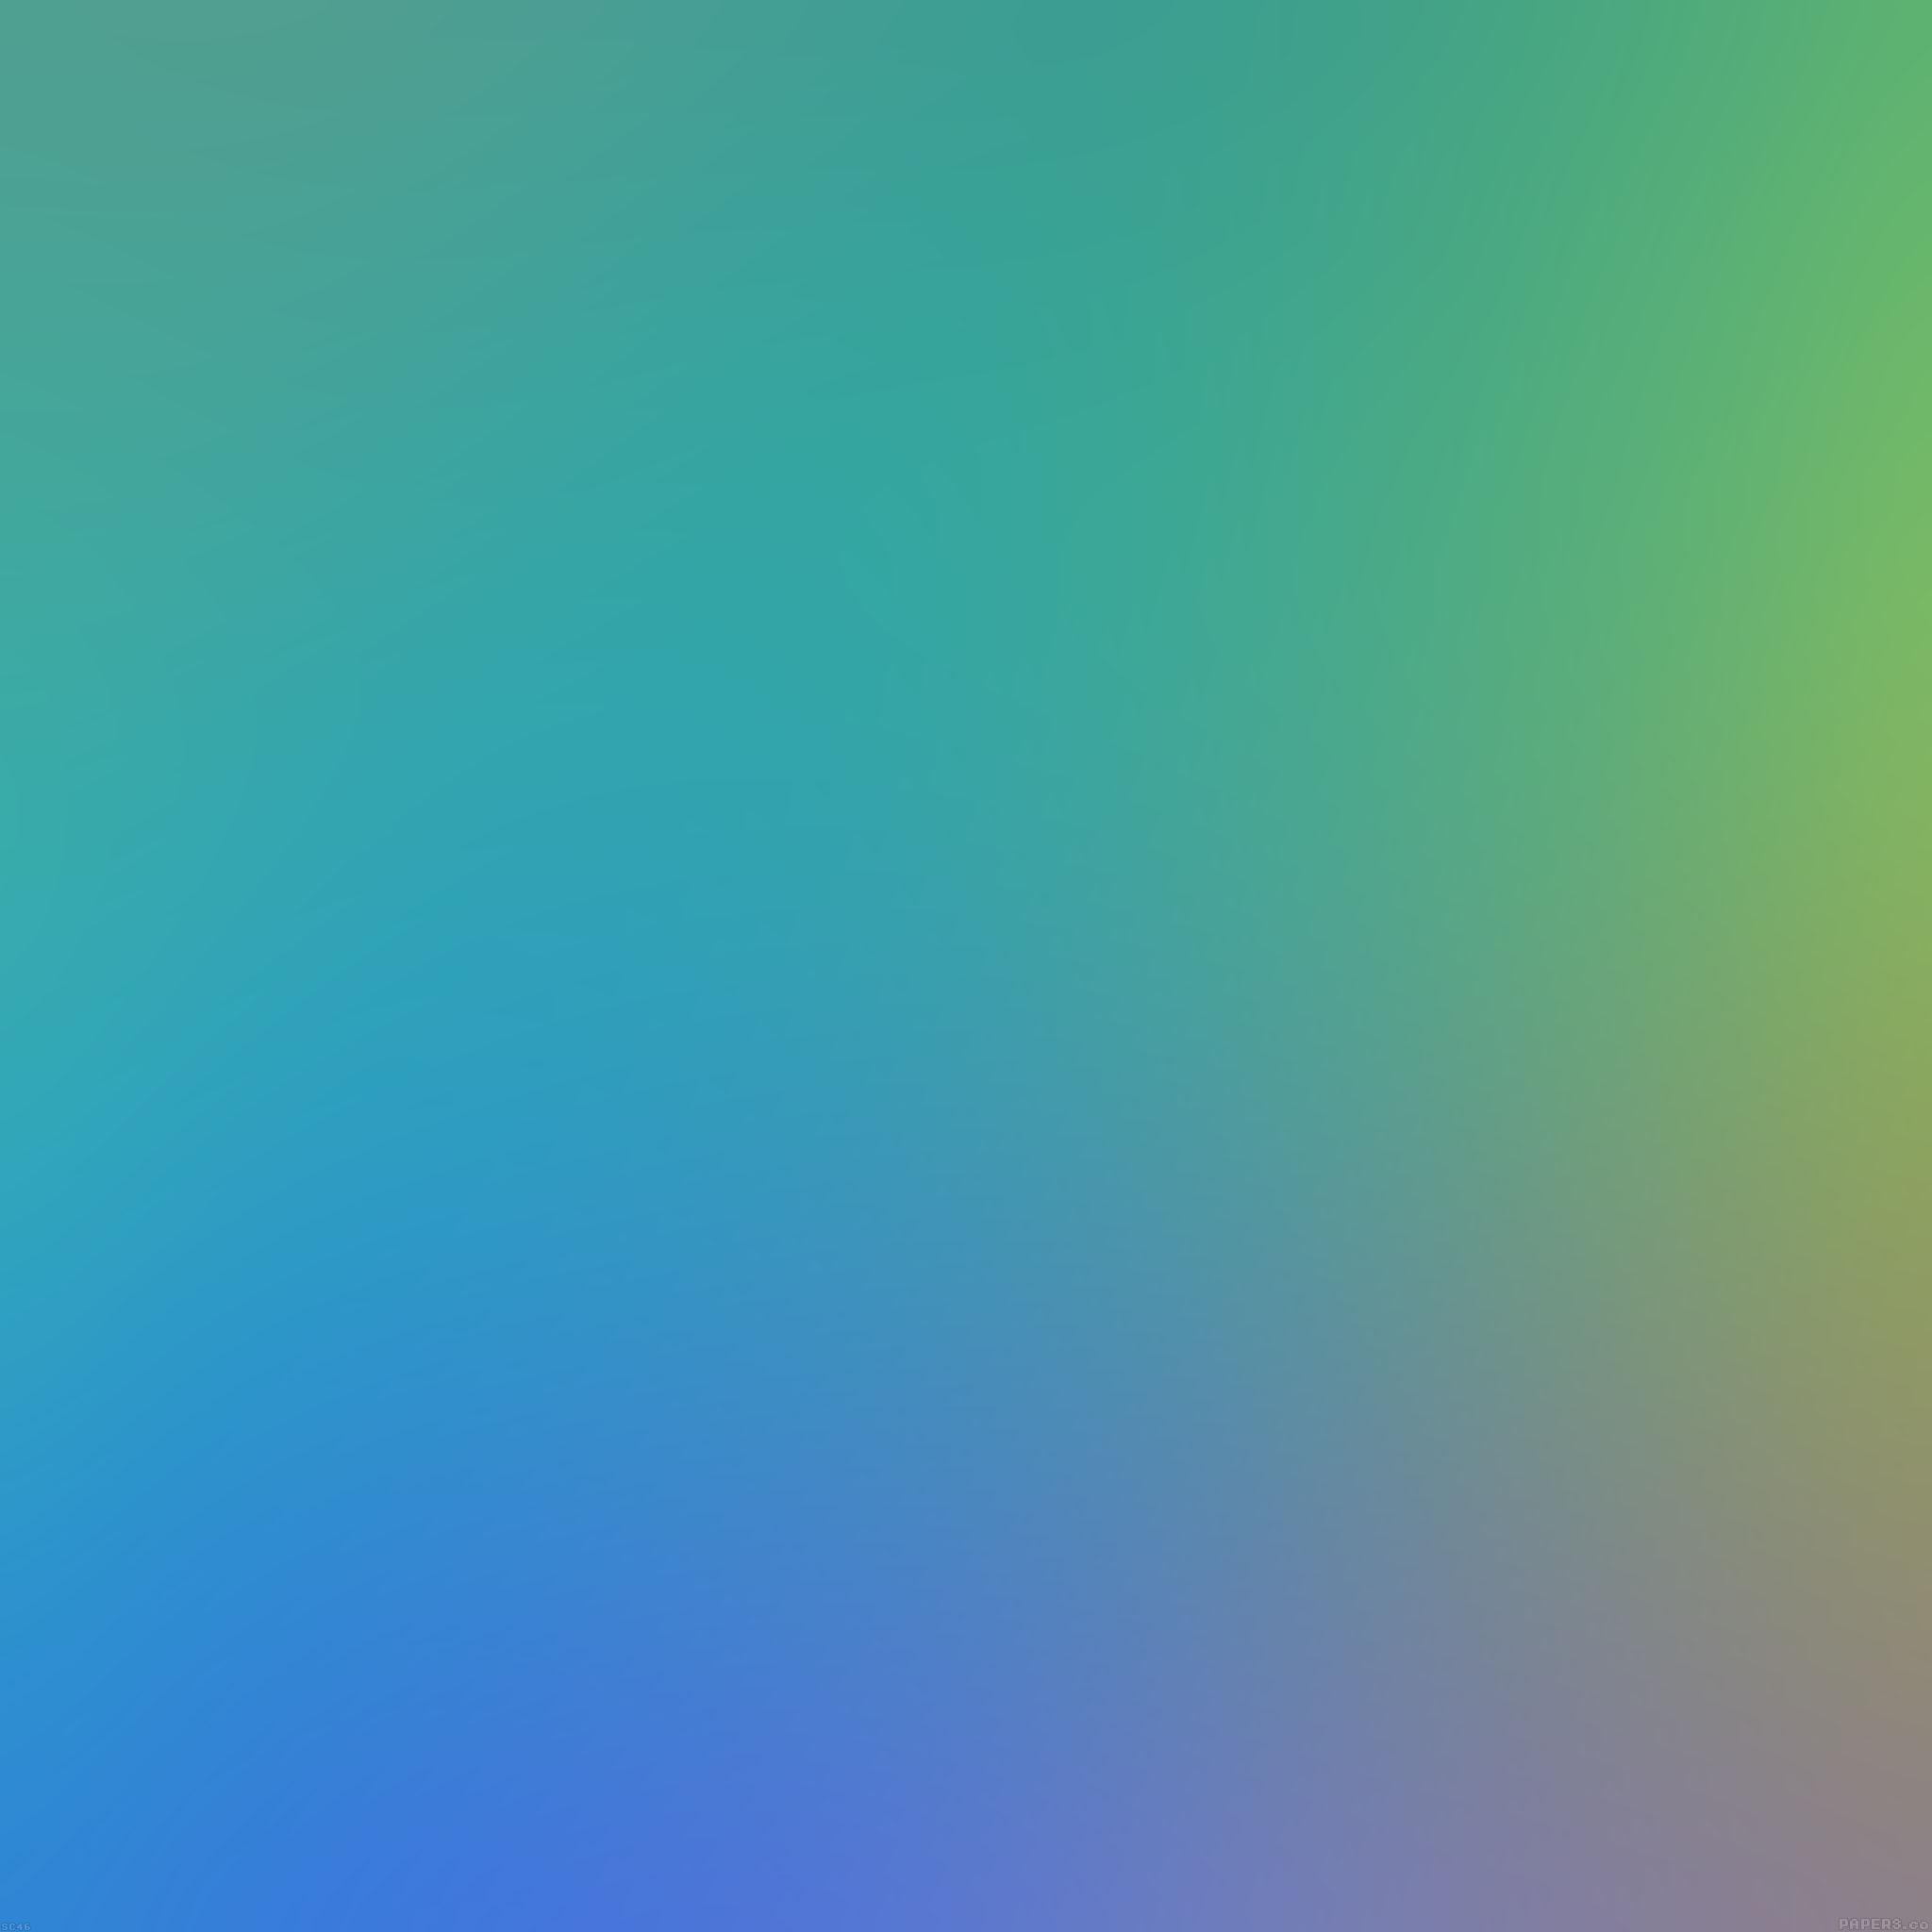 FREEIOS7 - sc46-mc-dingdong-love-blur - parallax HD iPhone ...